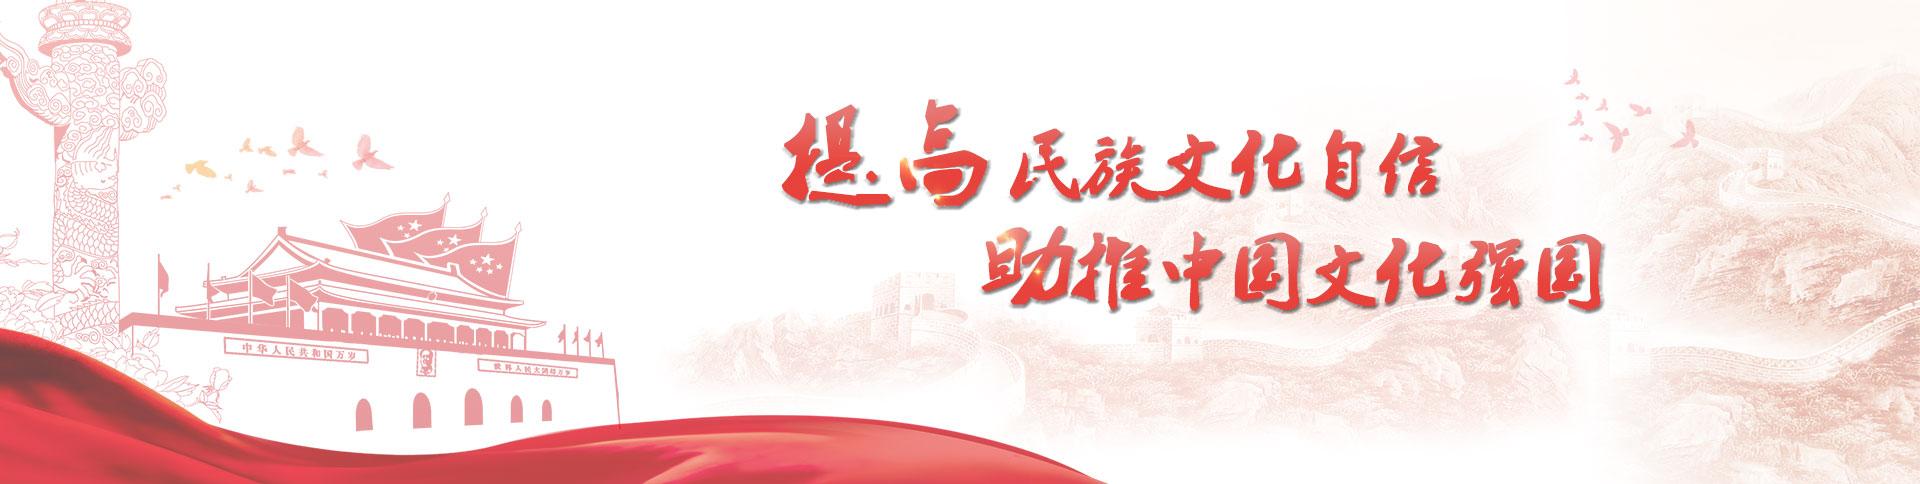 提高民族文化自信,助推中国文化强国。